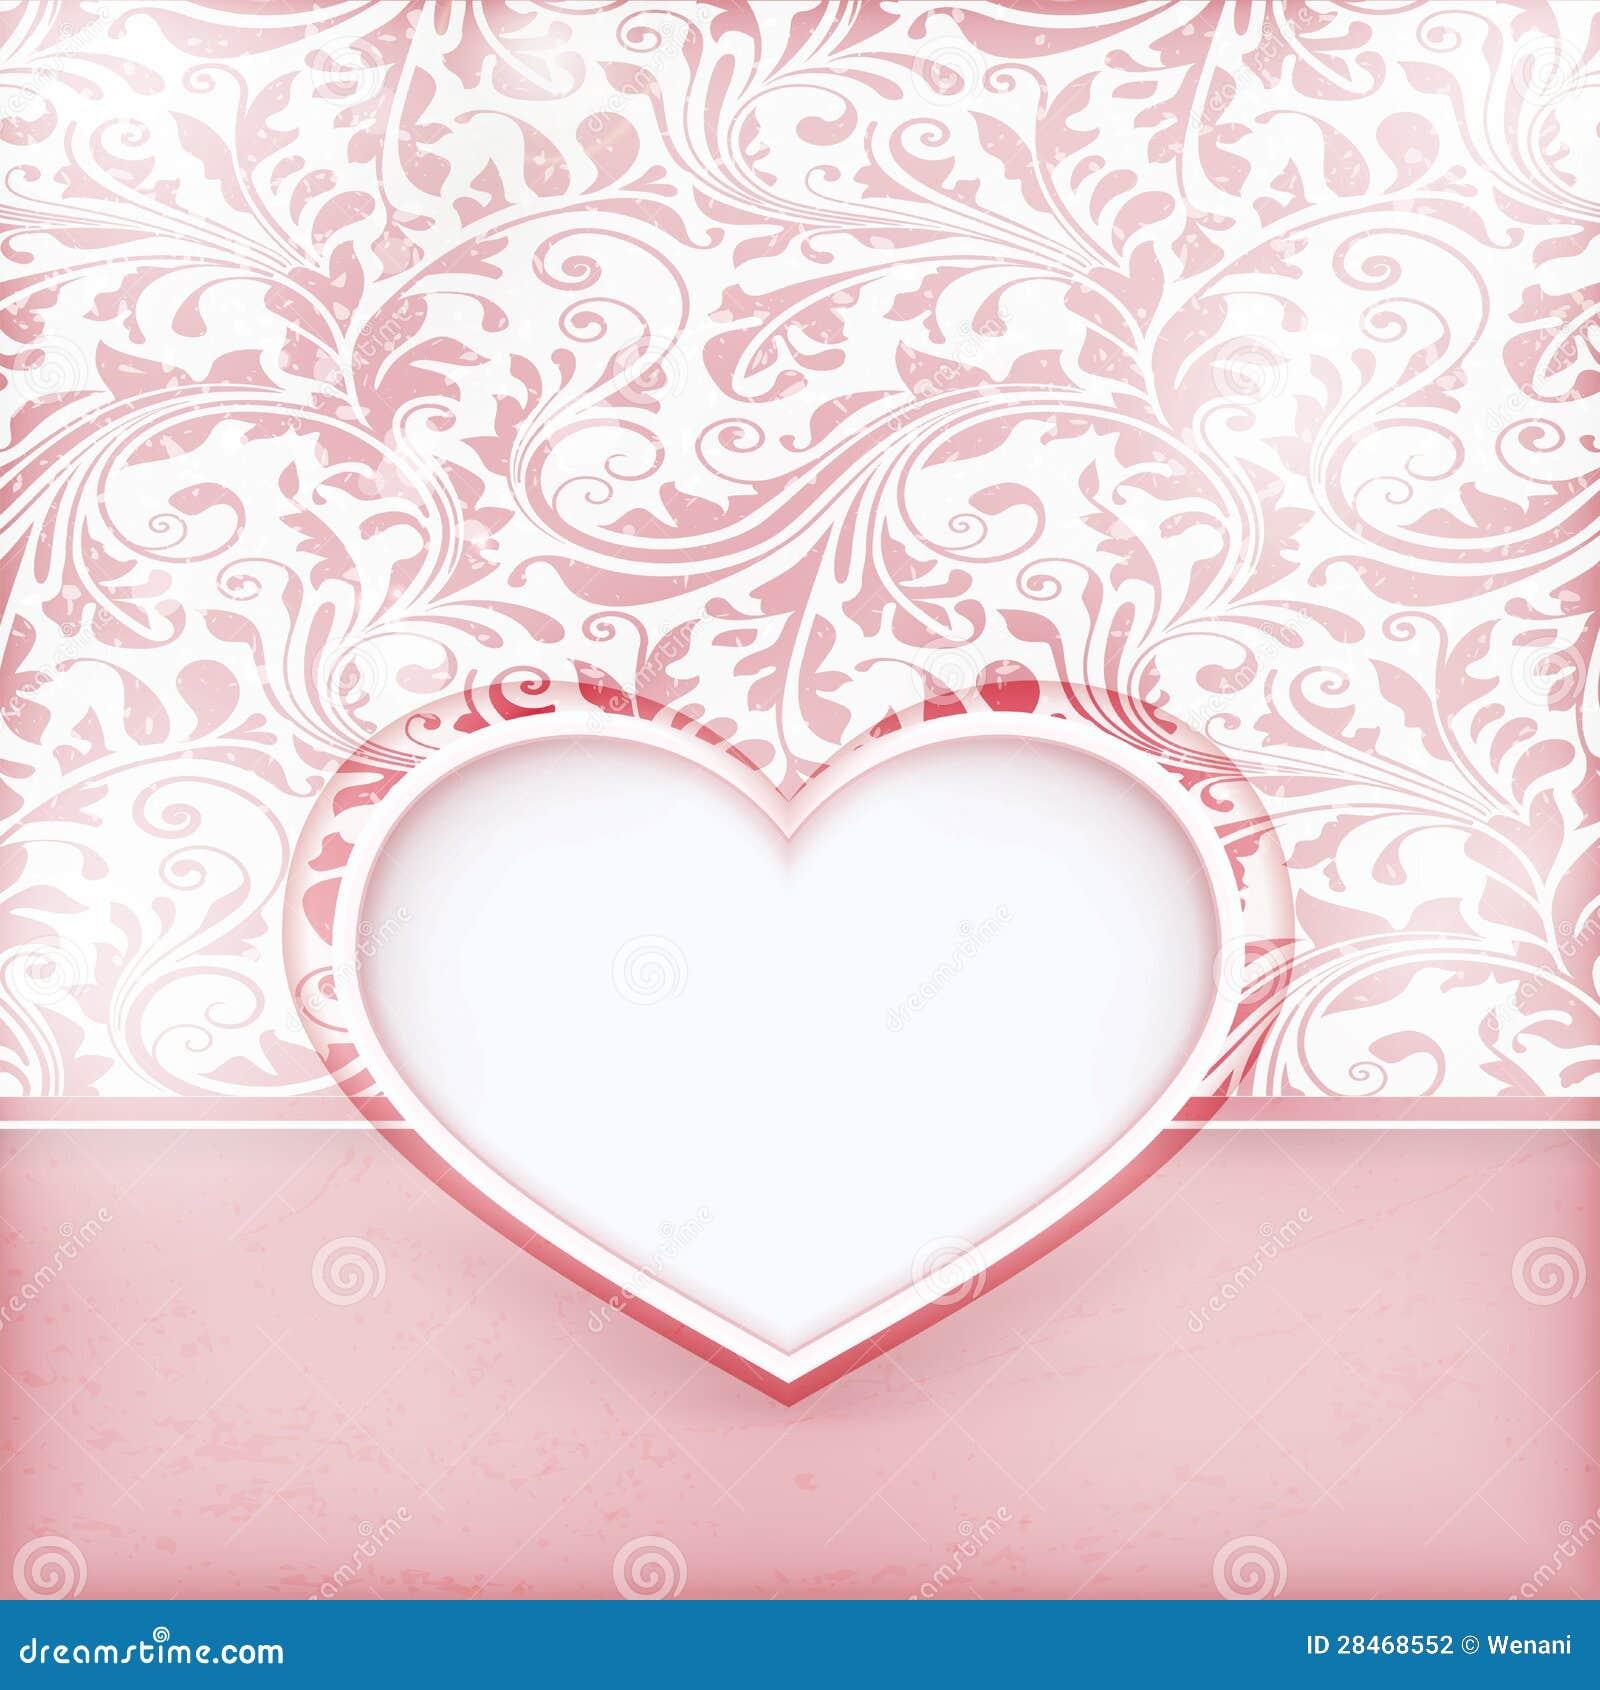 Βρώμικη floral κάρτα πρόσκλησης με την ετικέτα καρδιών αγάπης